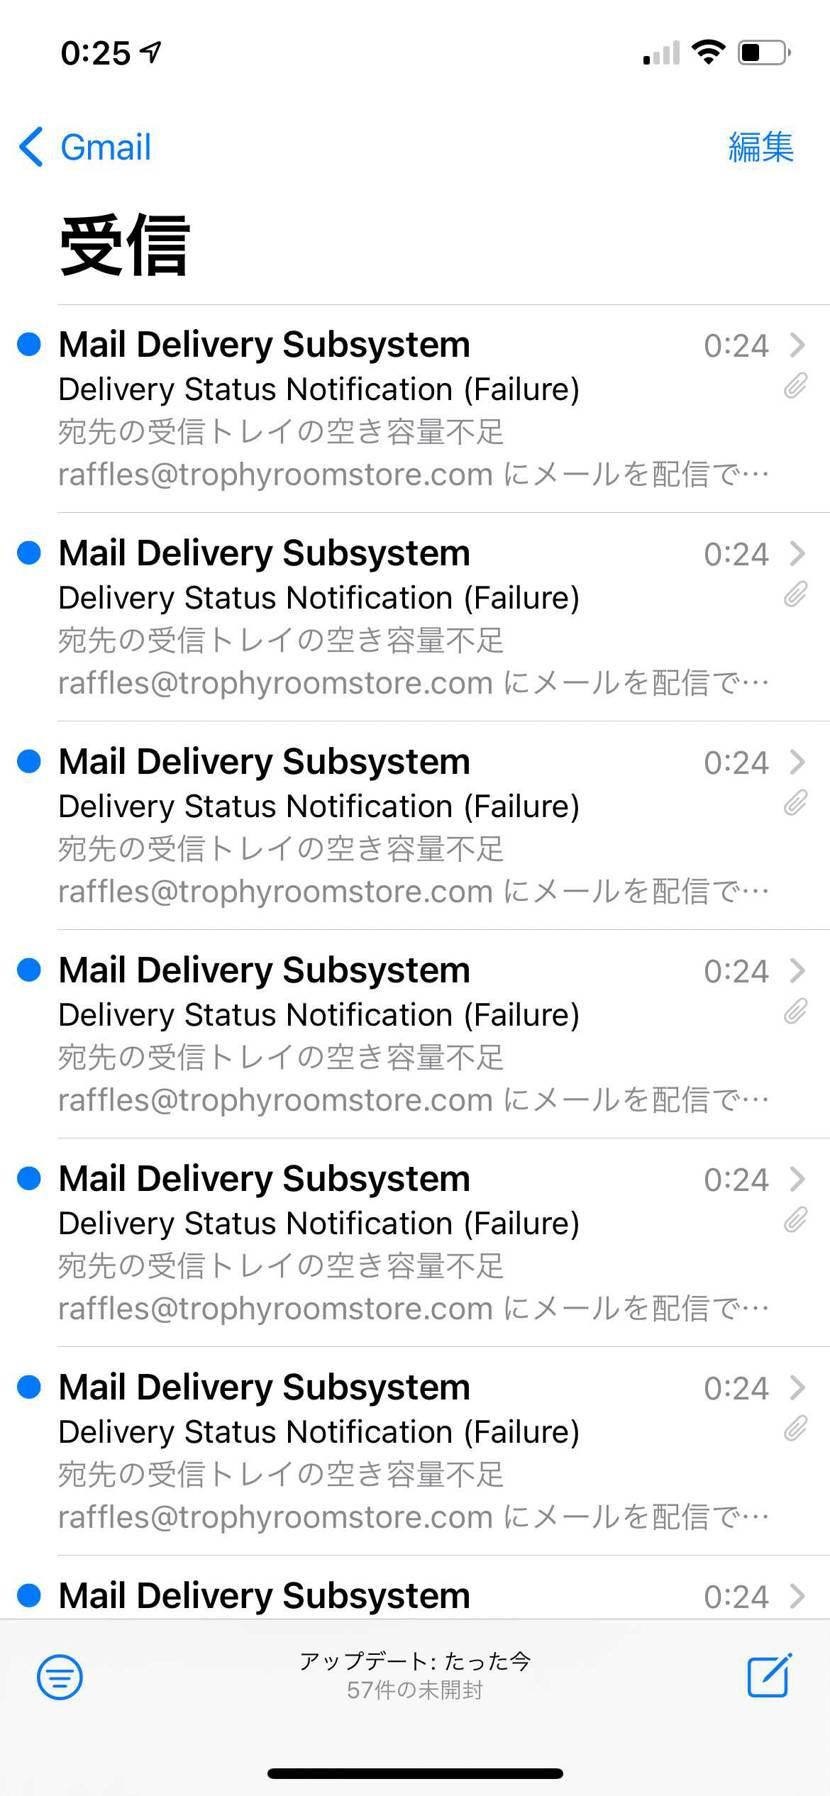 あかん、メールサーバーエラーで送れん… これ、やり方違うな… みんなエントリ